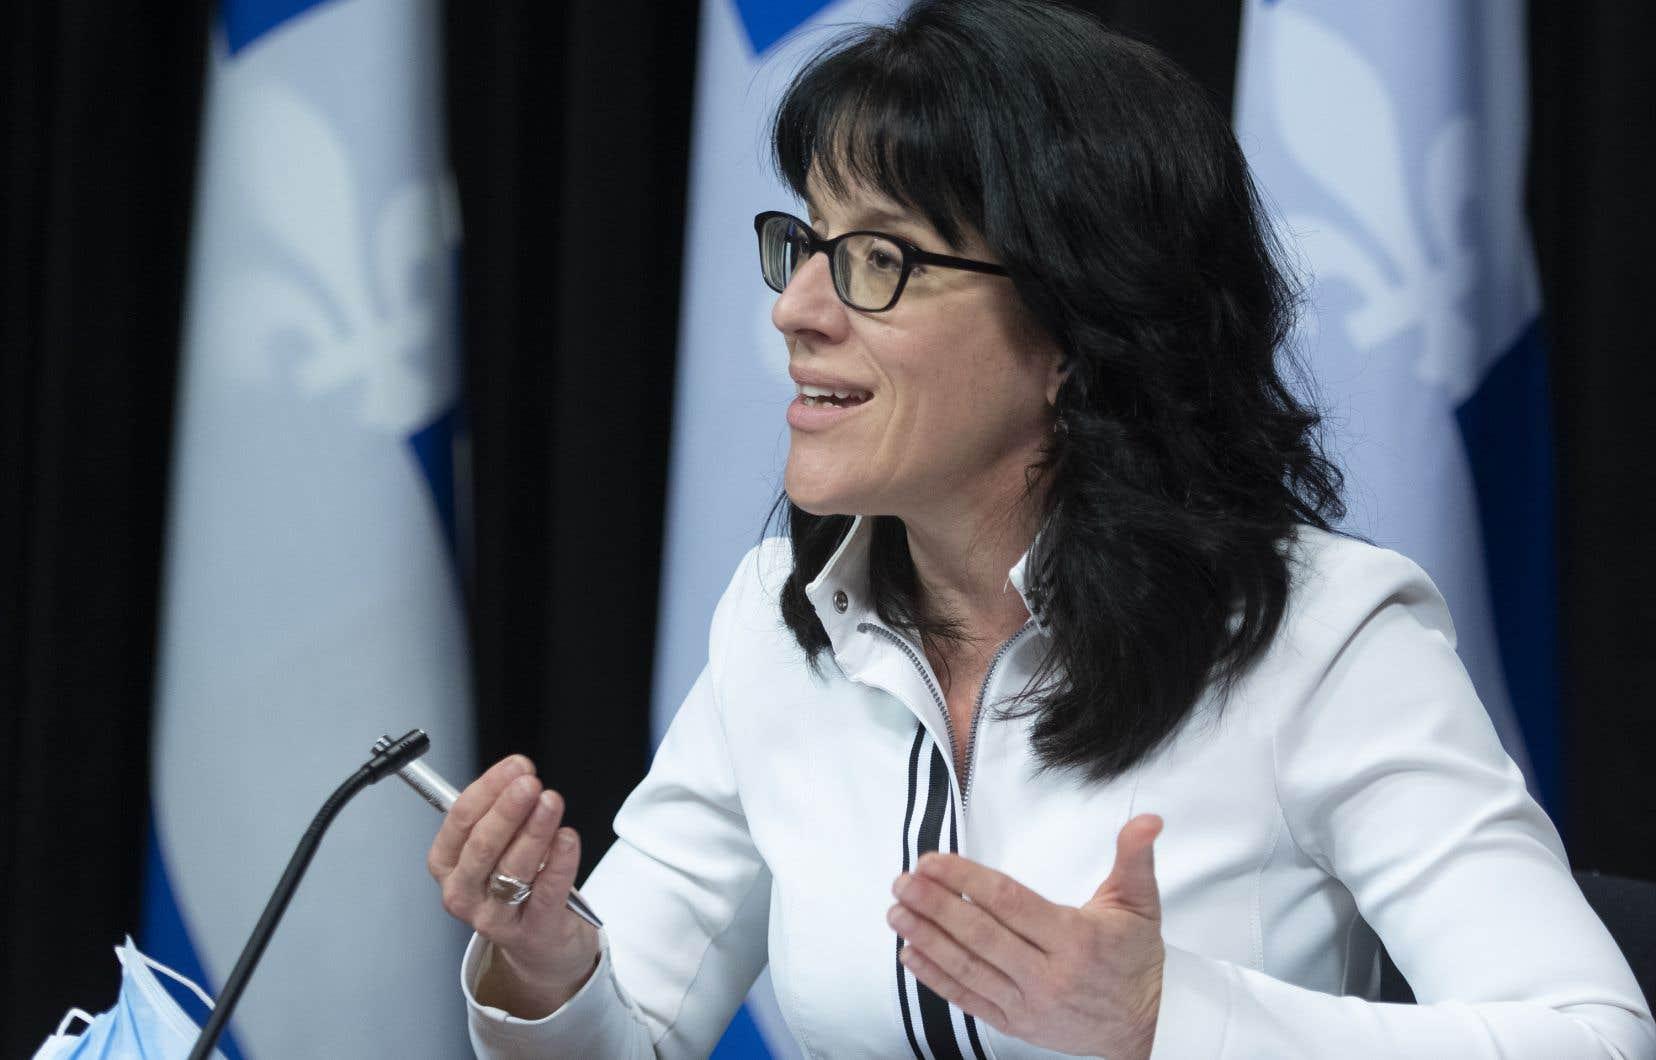 Sonia LeBel a admis mercredi soir ne «pas encore [avoir] rédigé» un nouveau plan d'action pour remplacer celui légué par son prédécesseur, le ministre libéral Jean-Marc Fournier.